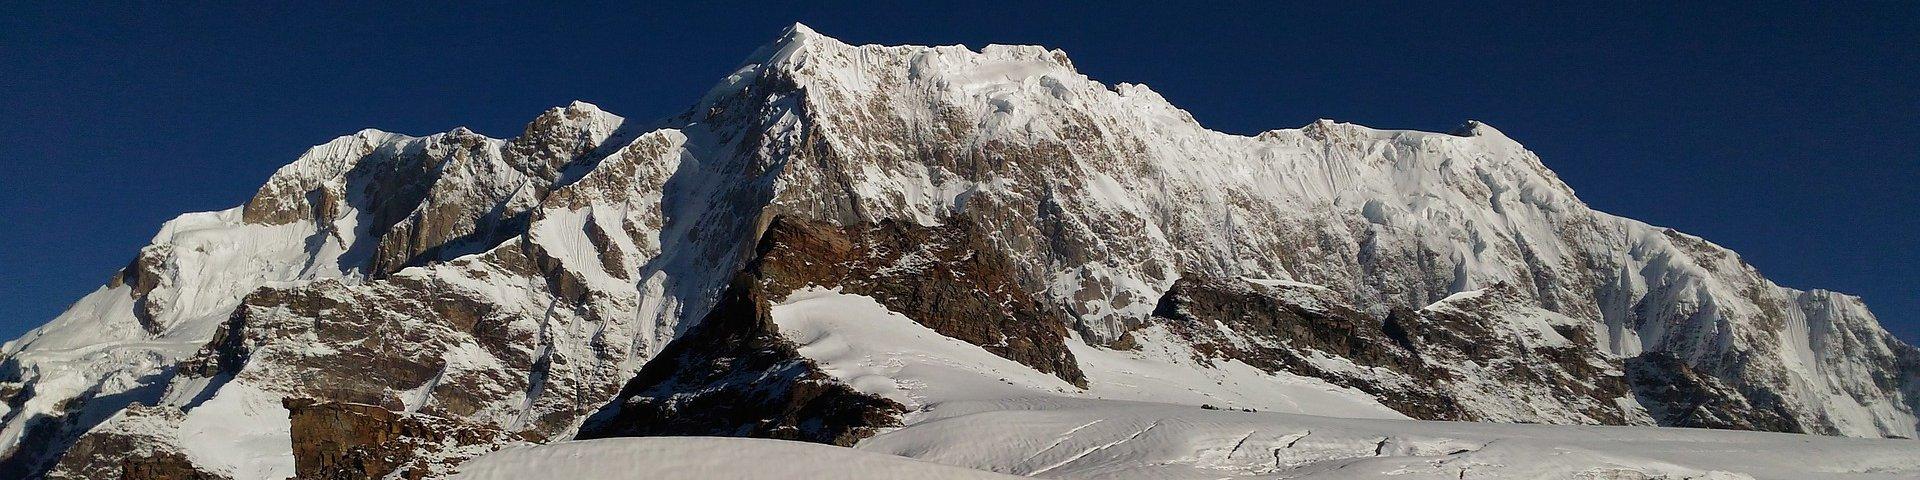 Pakistan Himalayas (Pakistan)